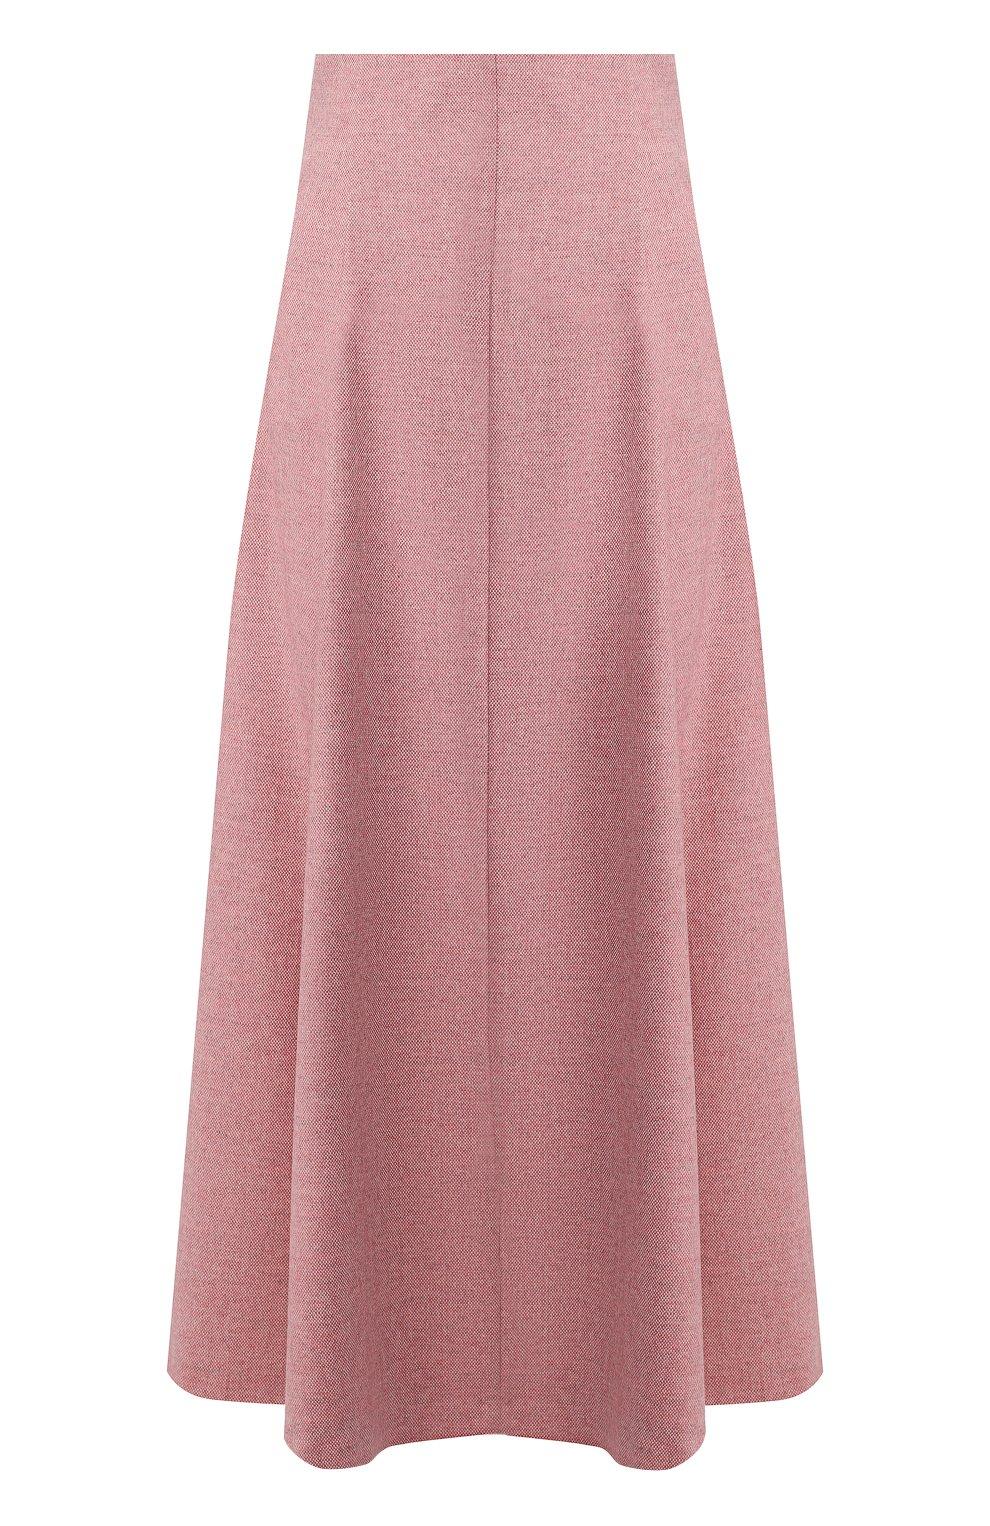 Женская шерстяная юбка ULYANA SERGEENKO розового цвета, арт. 0259р18 (GNM001FW19P)   Фото 1